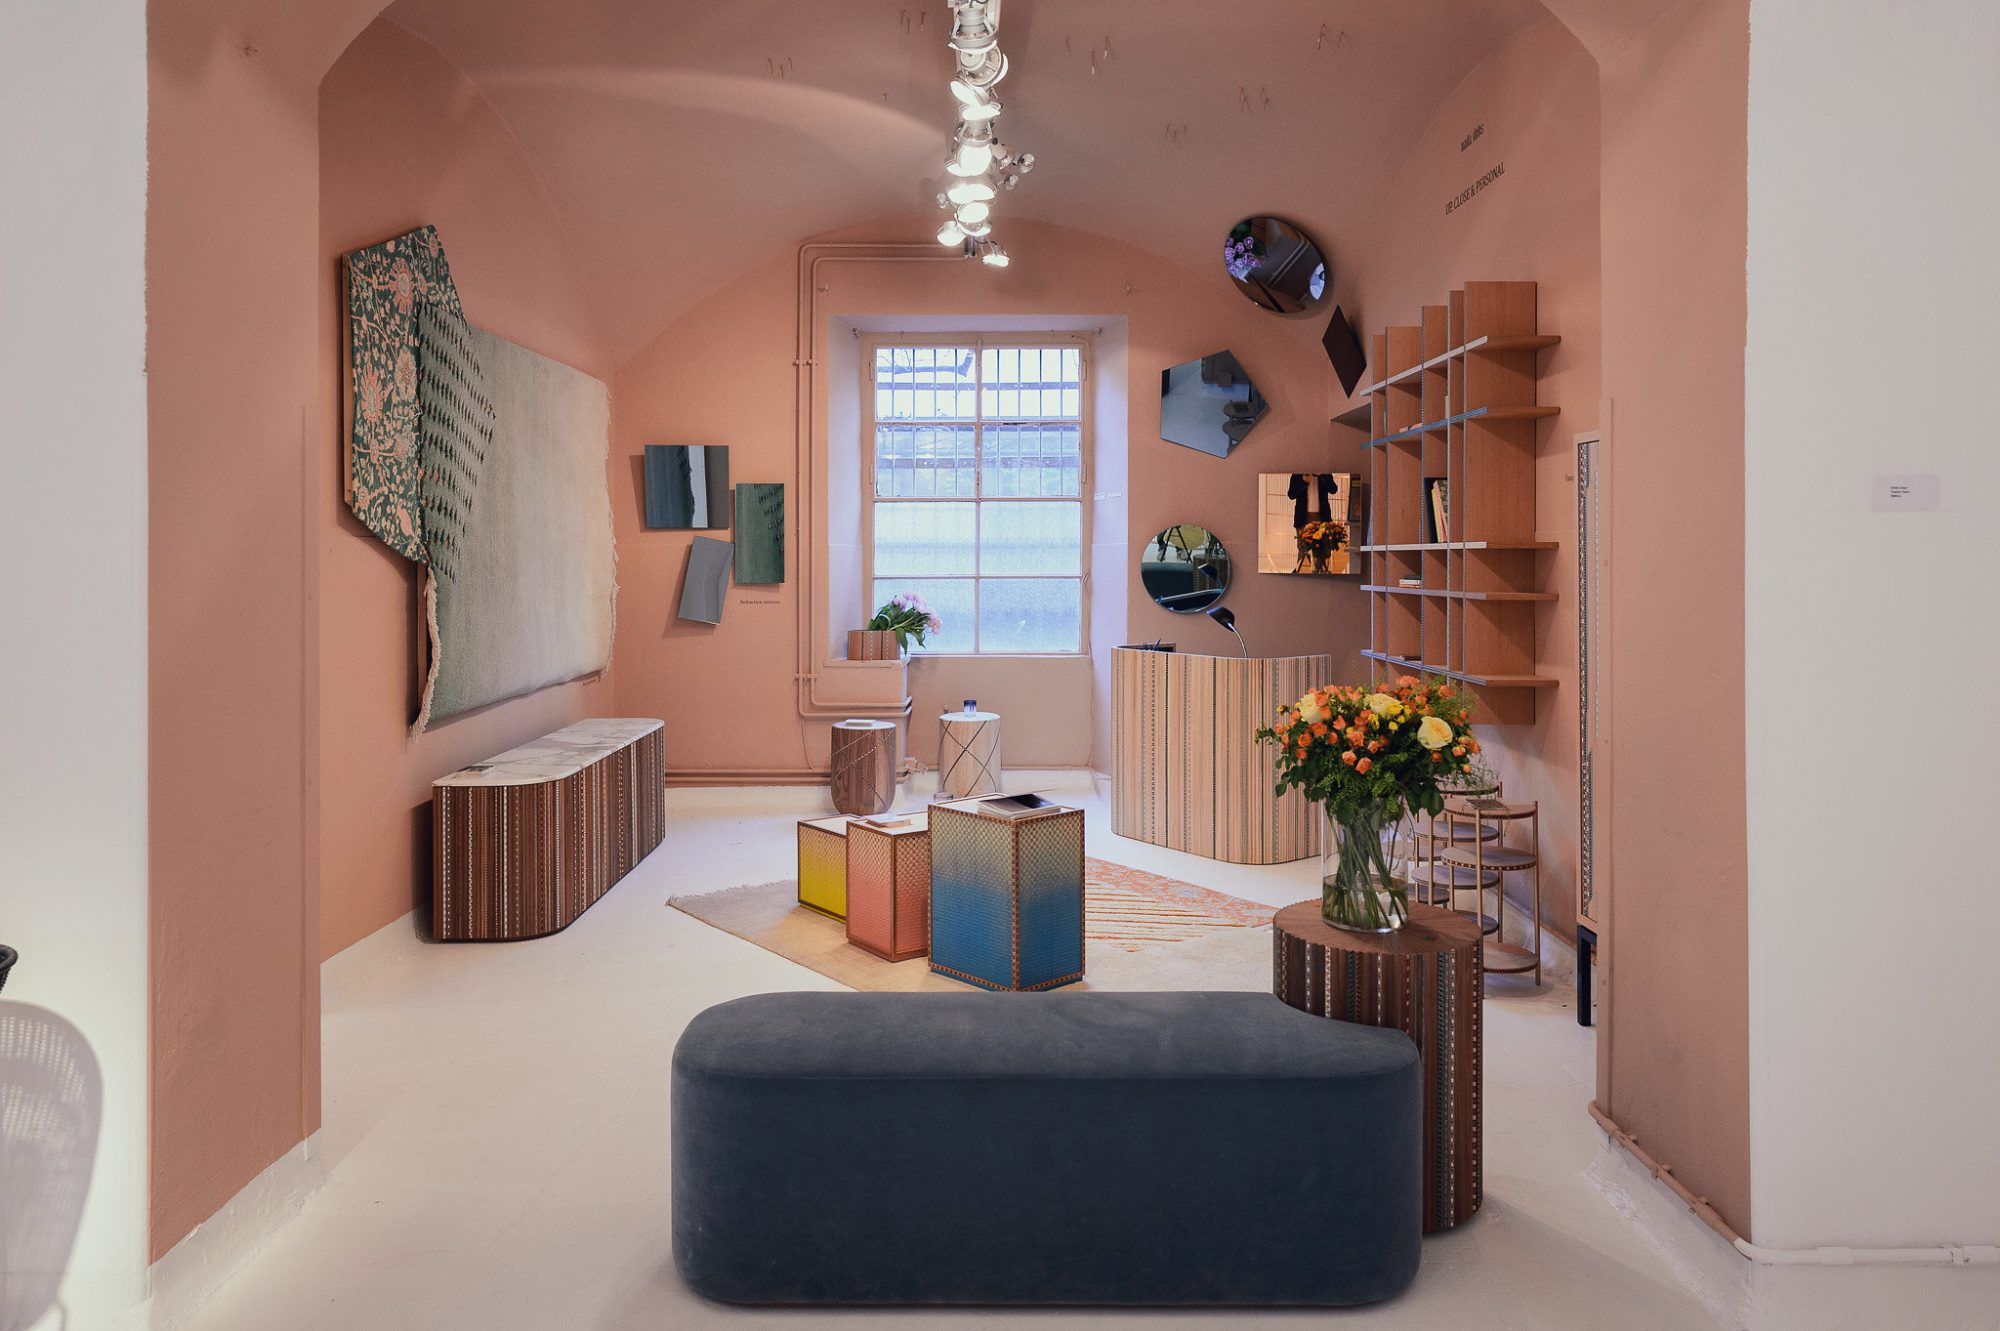 Jotun presenta un nuevo color en la feria del mueble de mil n for Feria del mueble milan